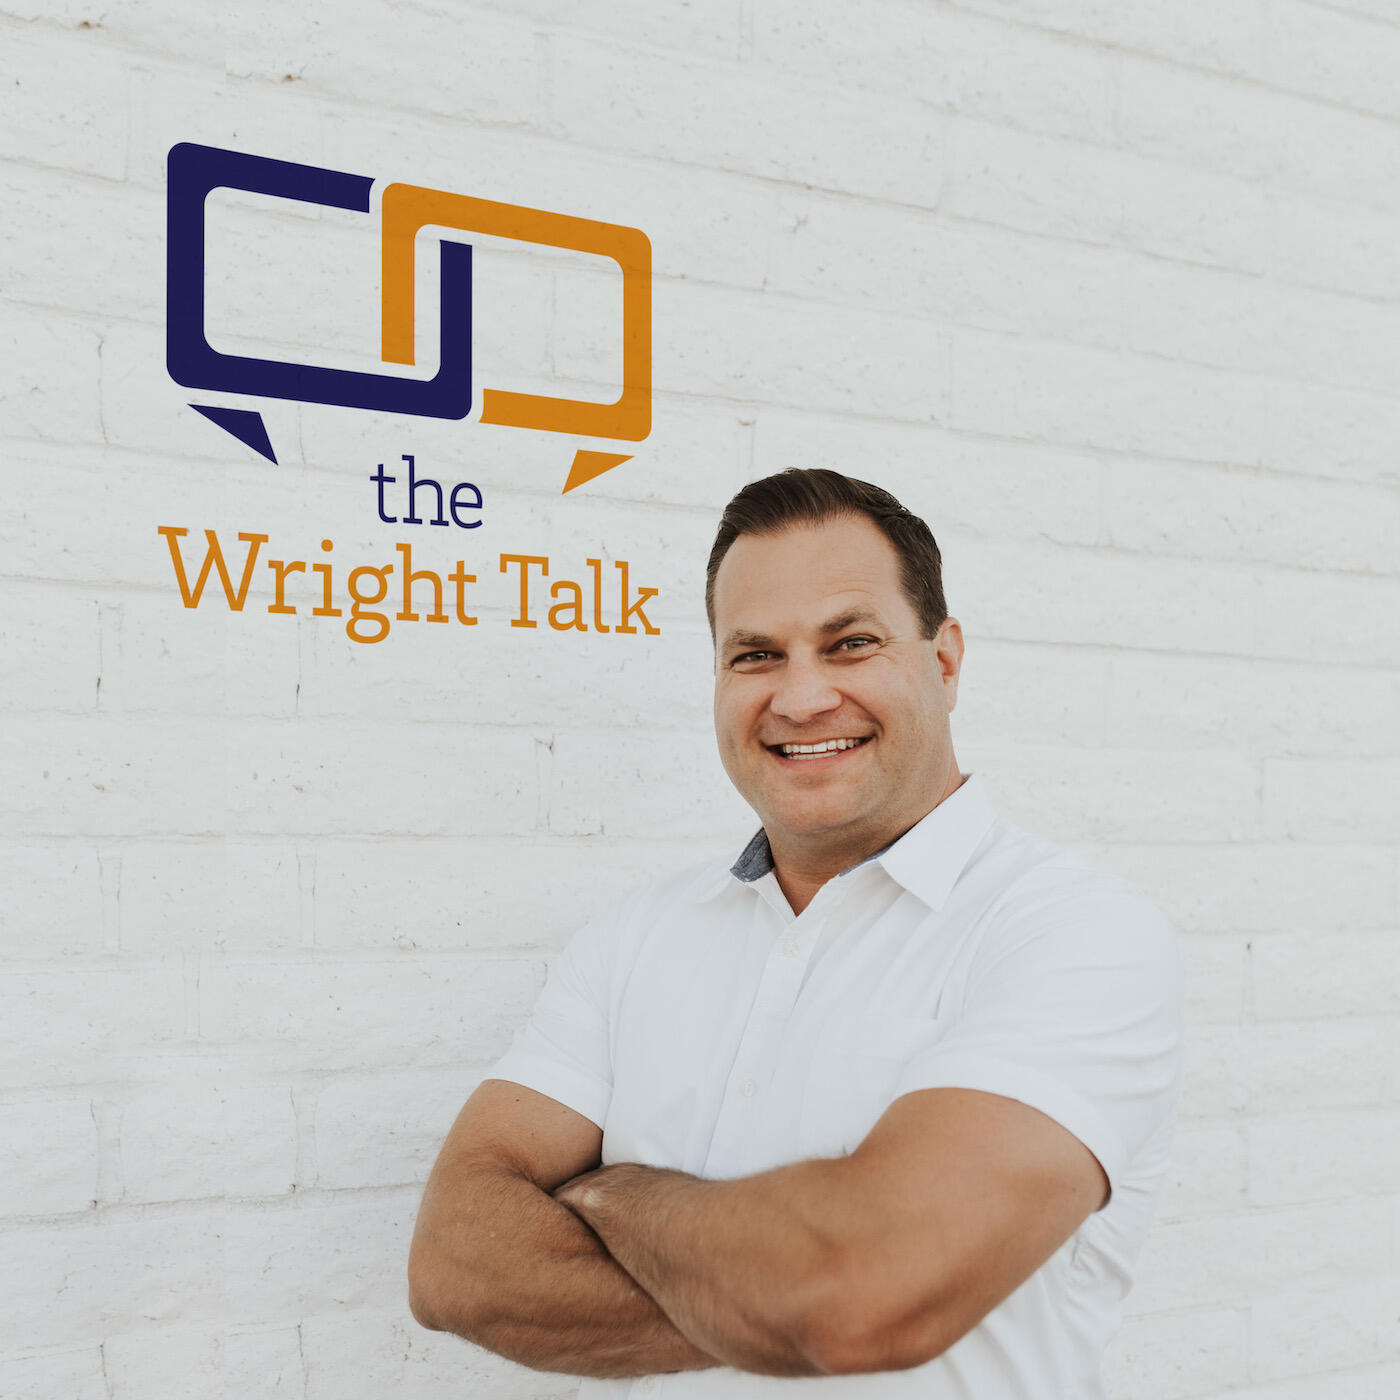 The Wright Talk